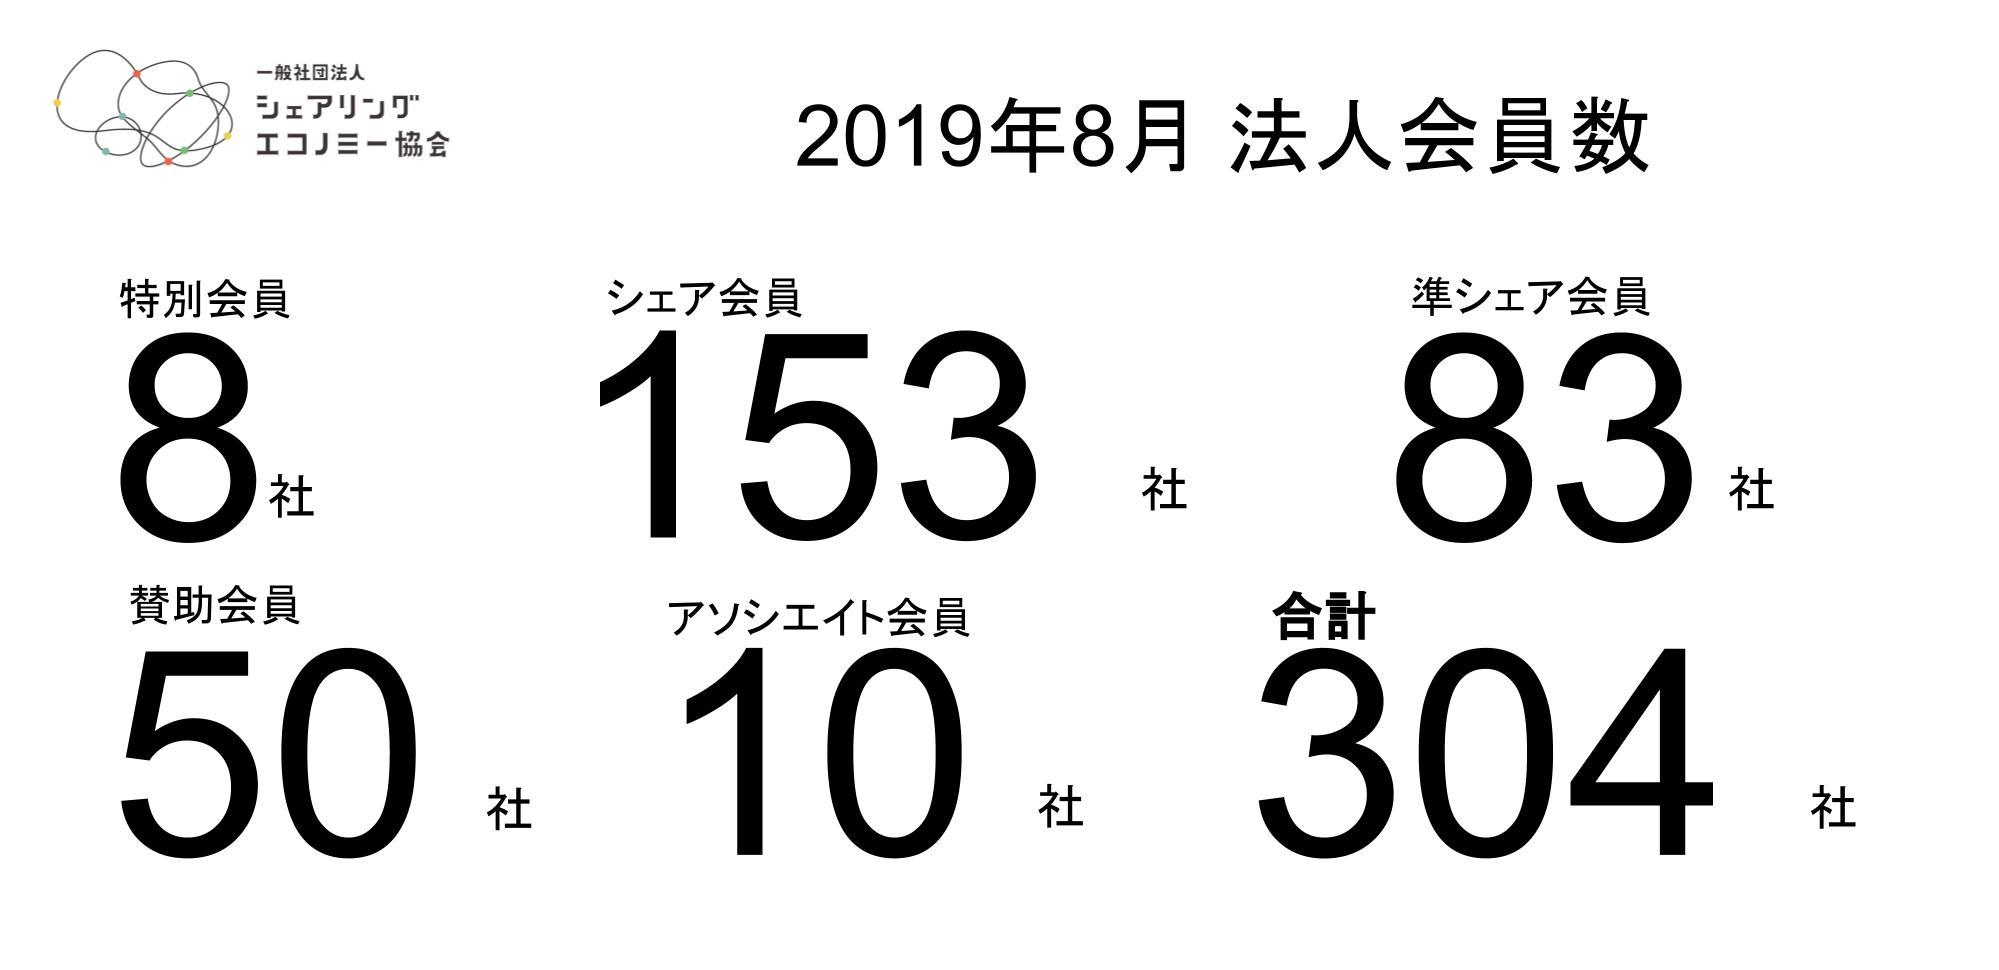 【19年8月新規会員】シェアグリ、マチルダやNTT東日本を含む新規10社が加入